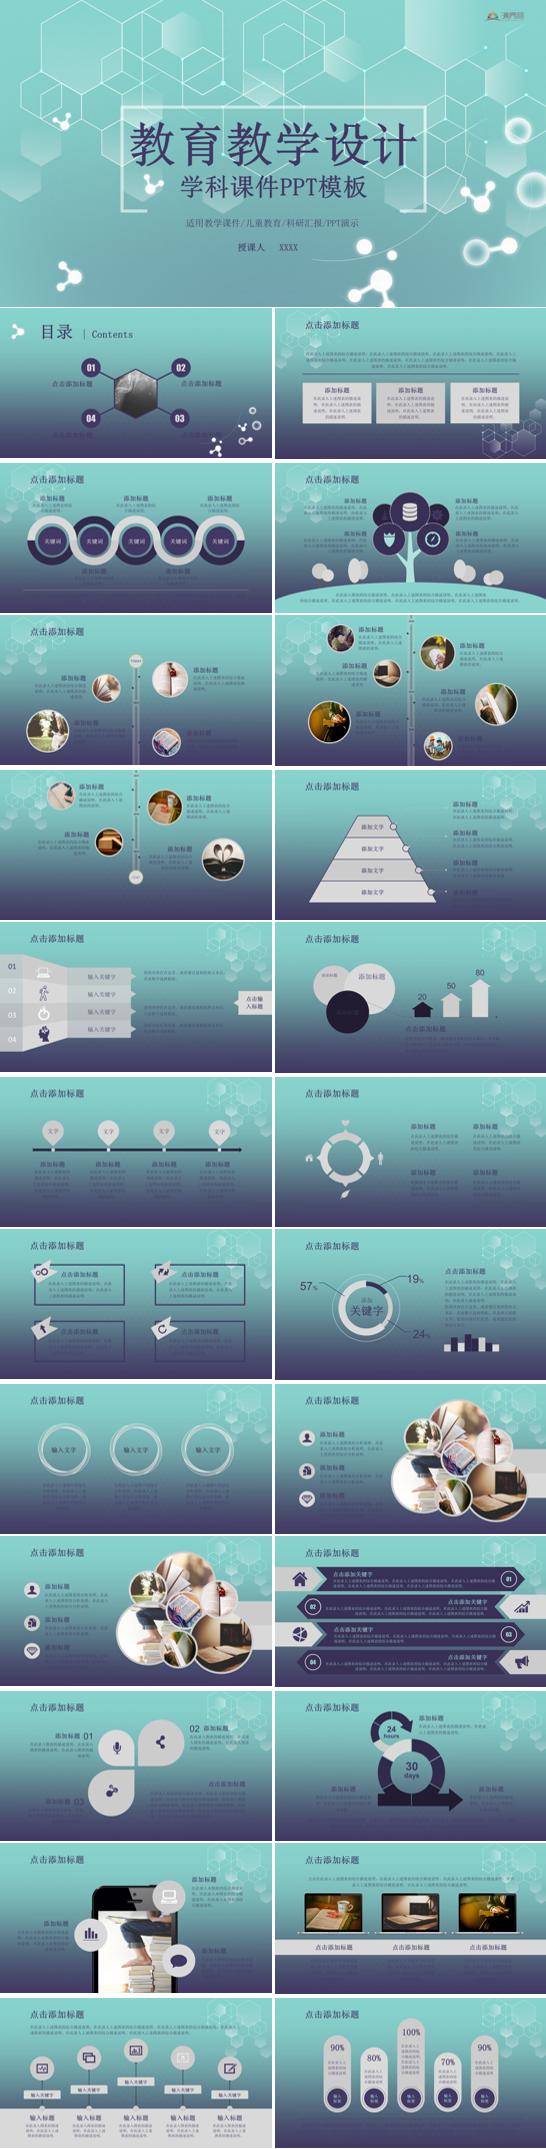 教育教学设计学课课件PPT模板